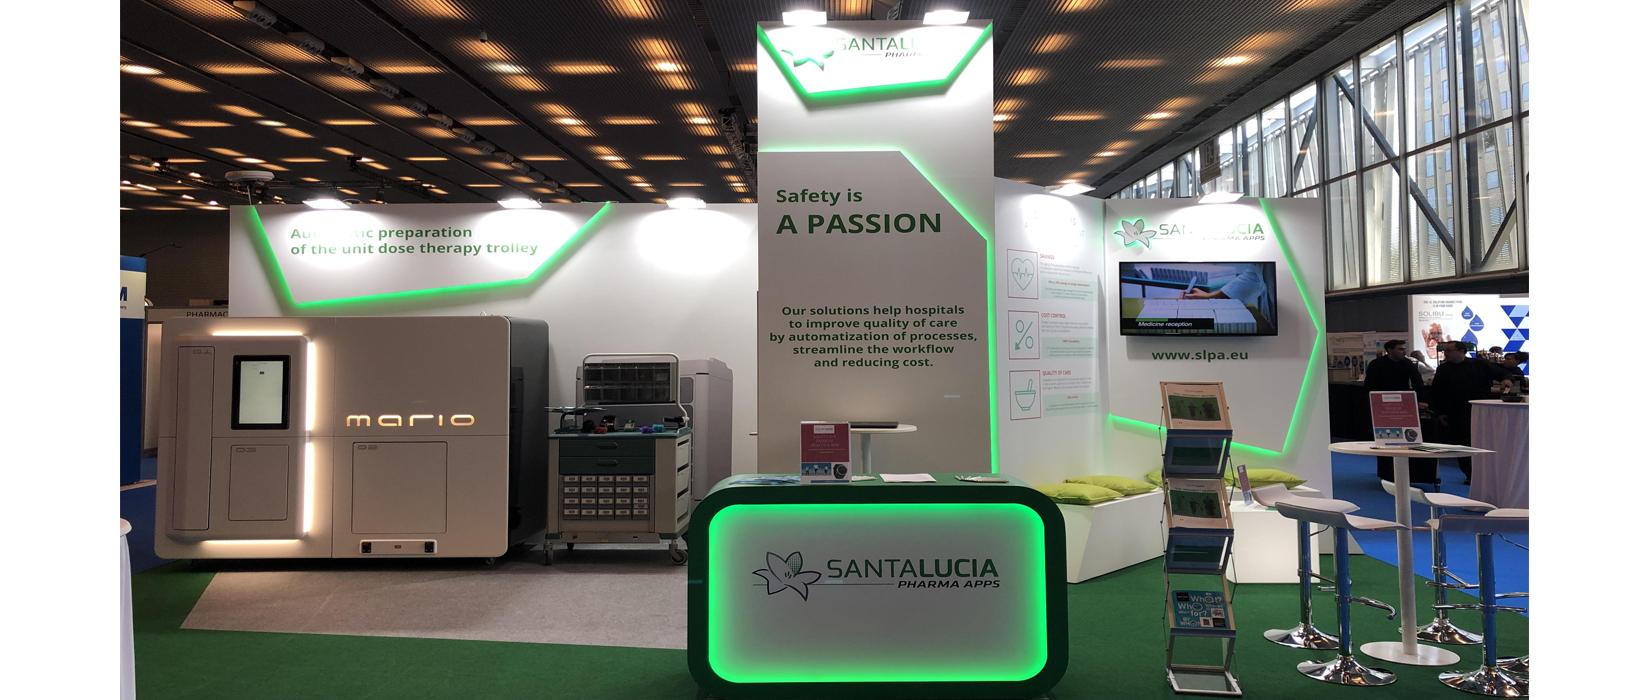 Stand Santa Lucía Pharma en la Feria EAHP Barcelona 2019